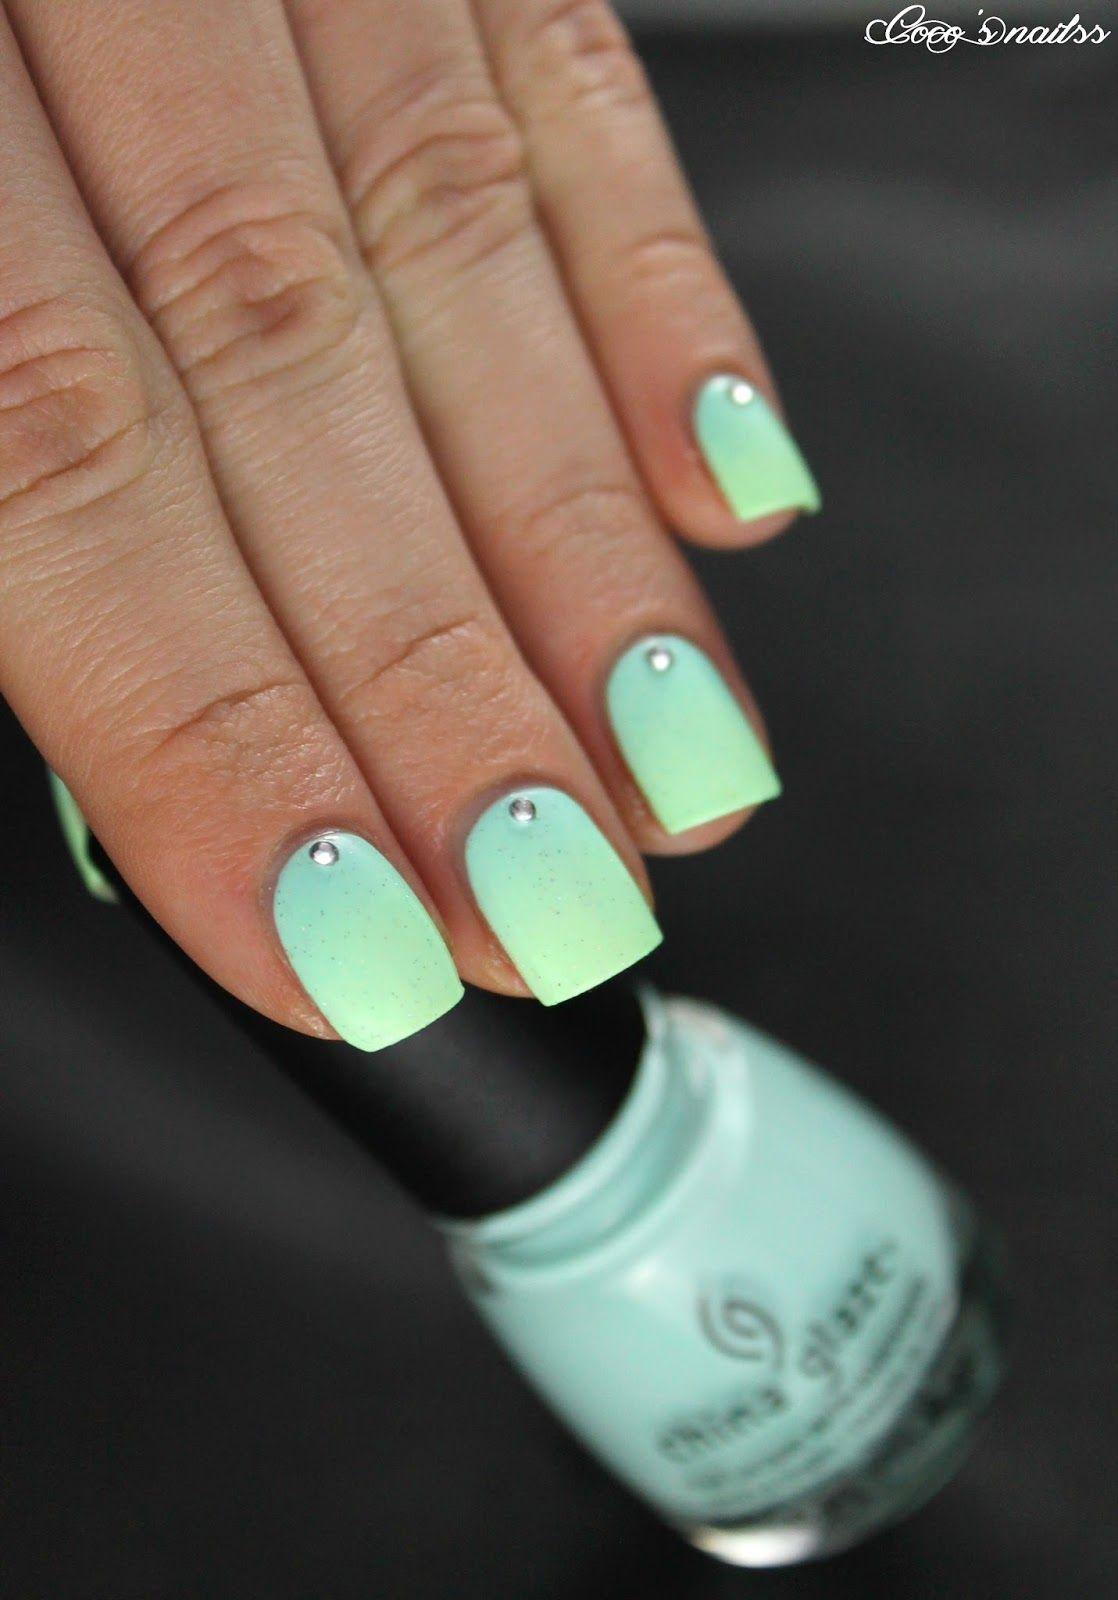 mint gradient nails #cocosnailss #nailart Mint Nail Designs, Summer Nail  Designs 2016, - Mint Gradient Nails #cocosnailss #nailart Hair & Beauty